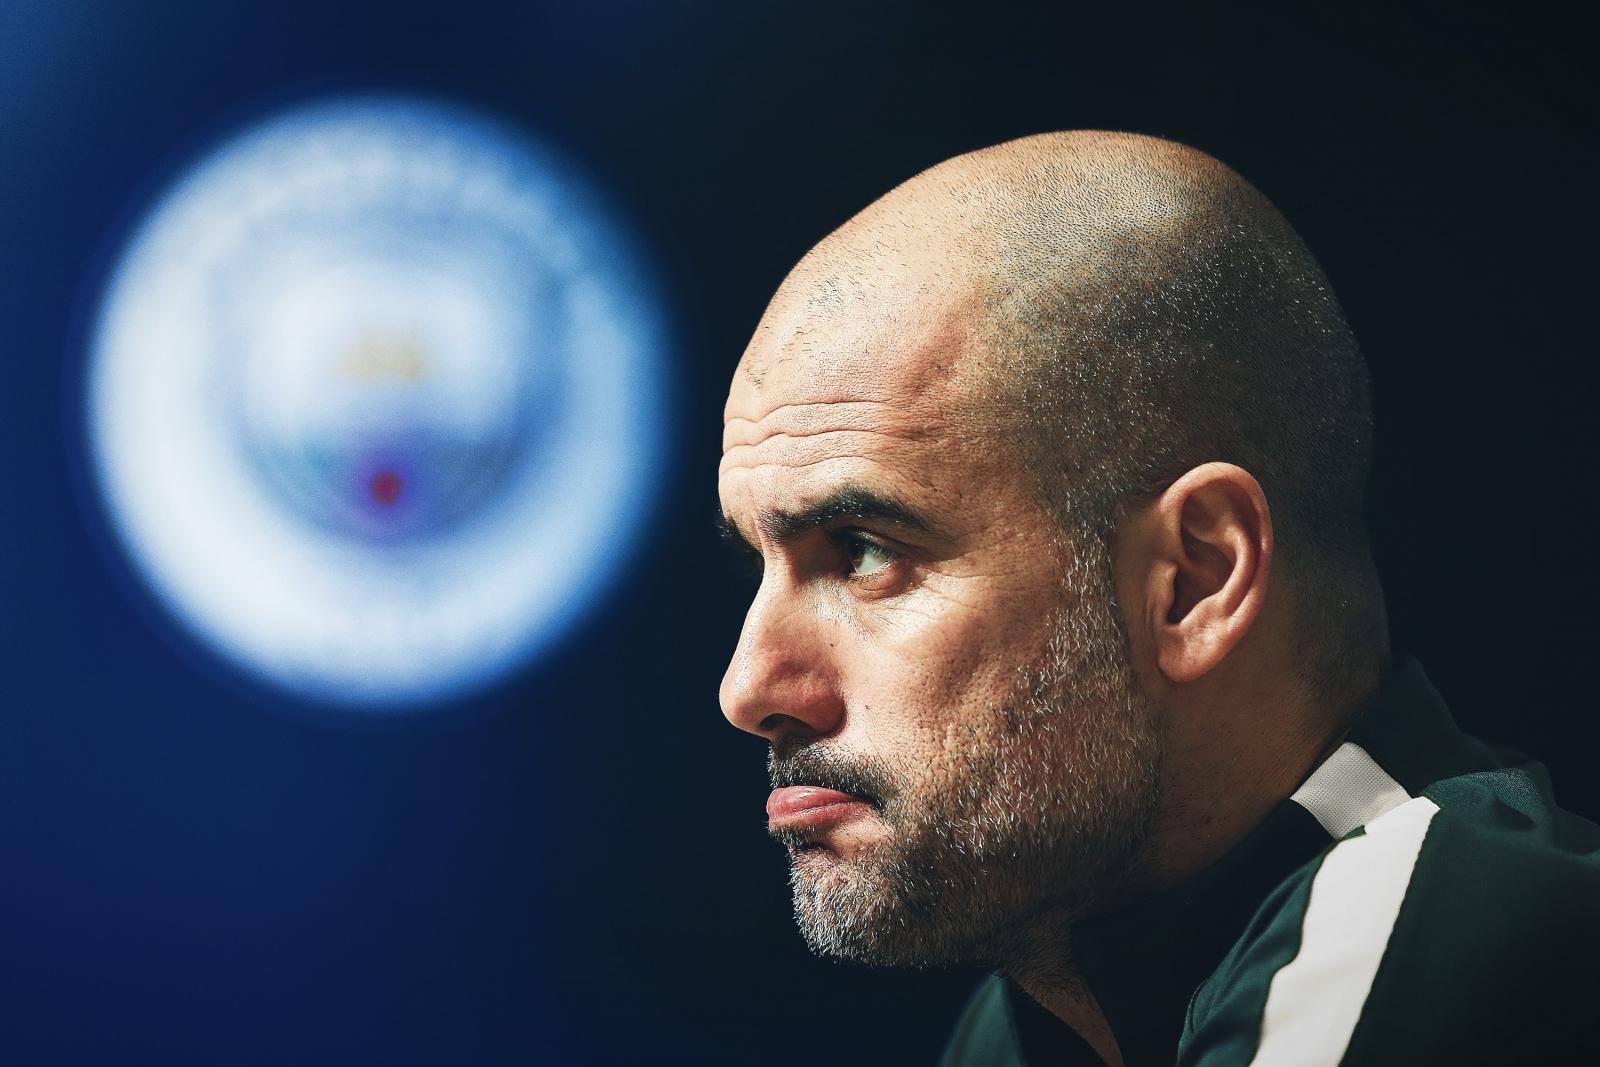 Góc nhìn: Man City hiện tại mạnh nhất kỷ nguyên Premier League? - Bóng Đá